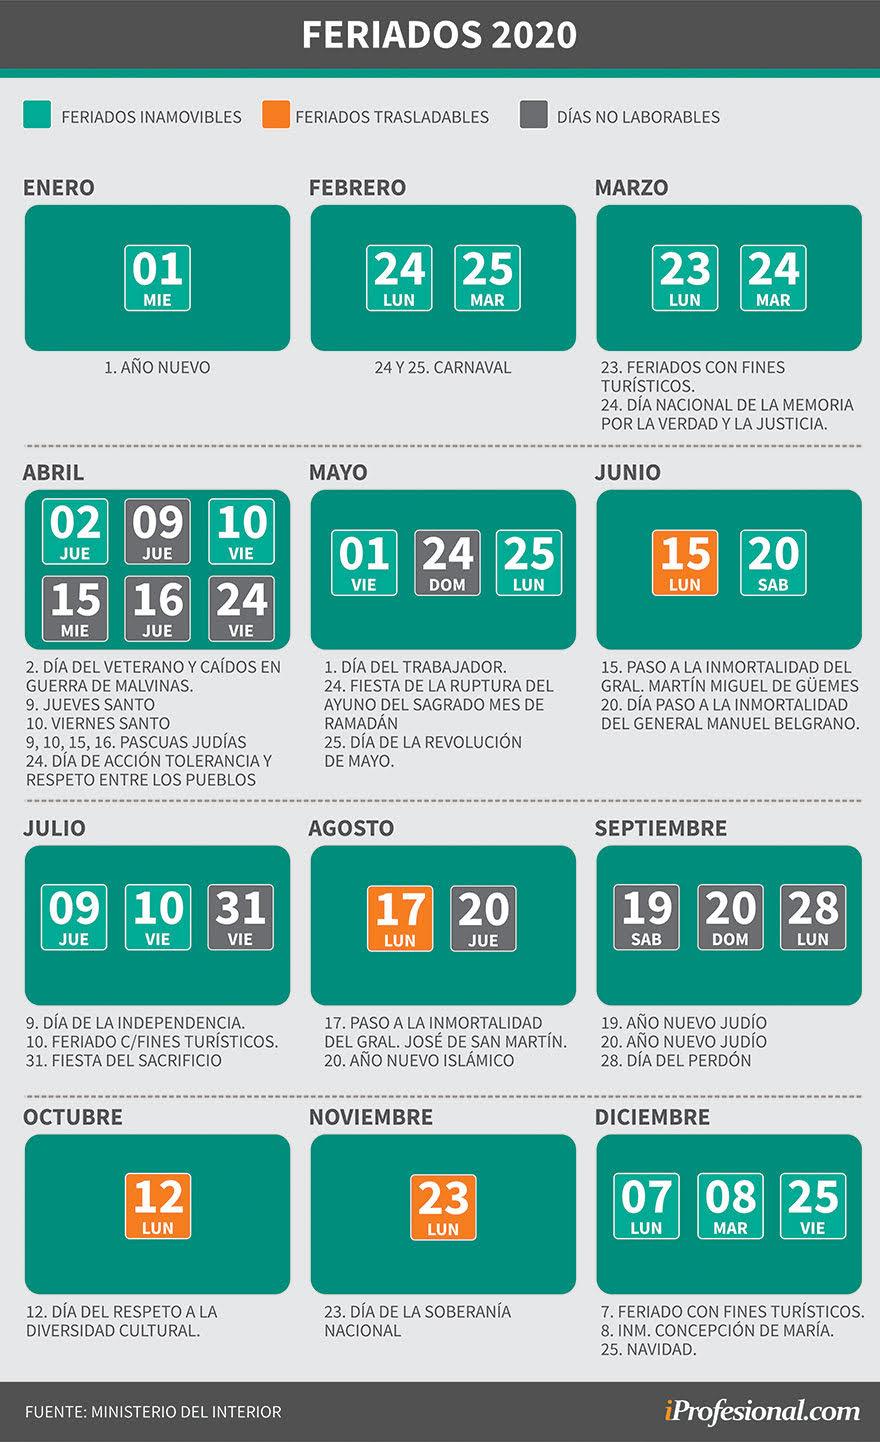 Este es el calendario oficial de feriados nacionales 2020